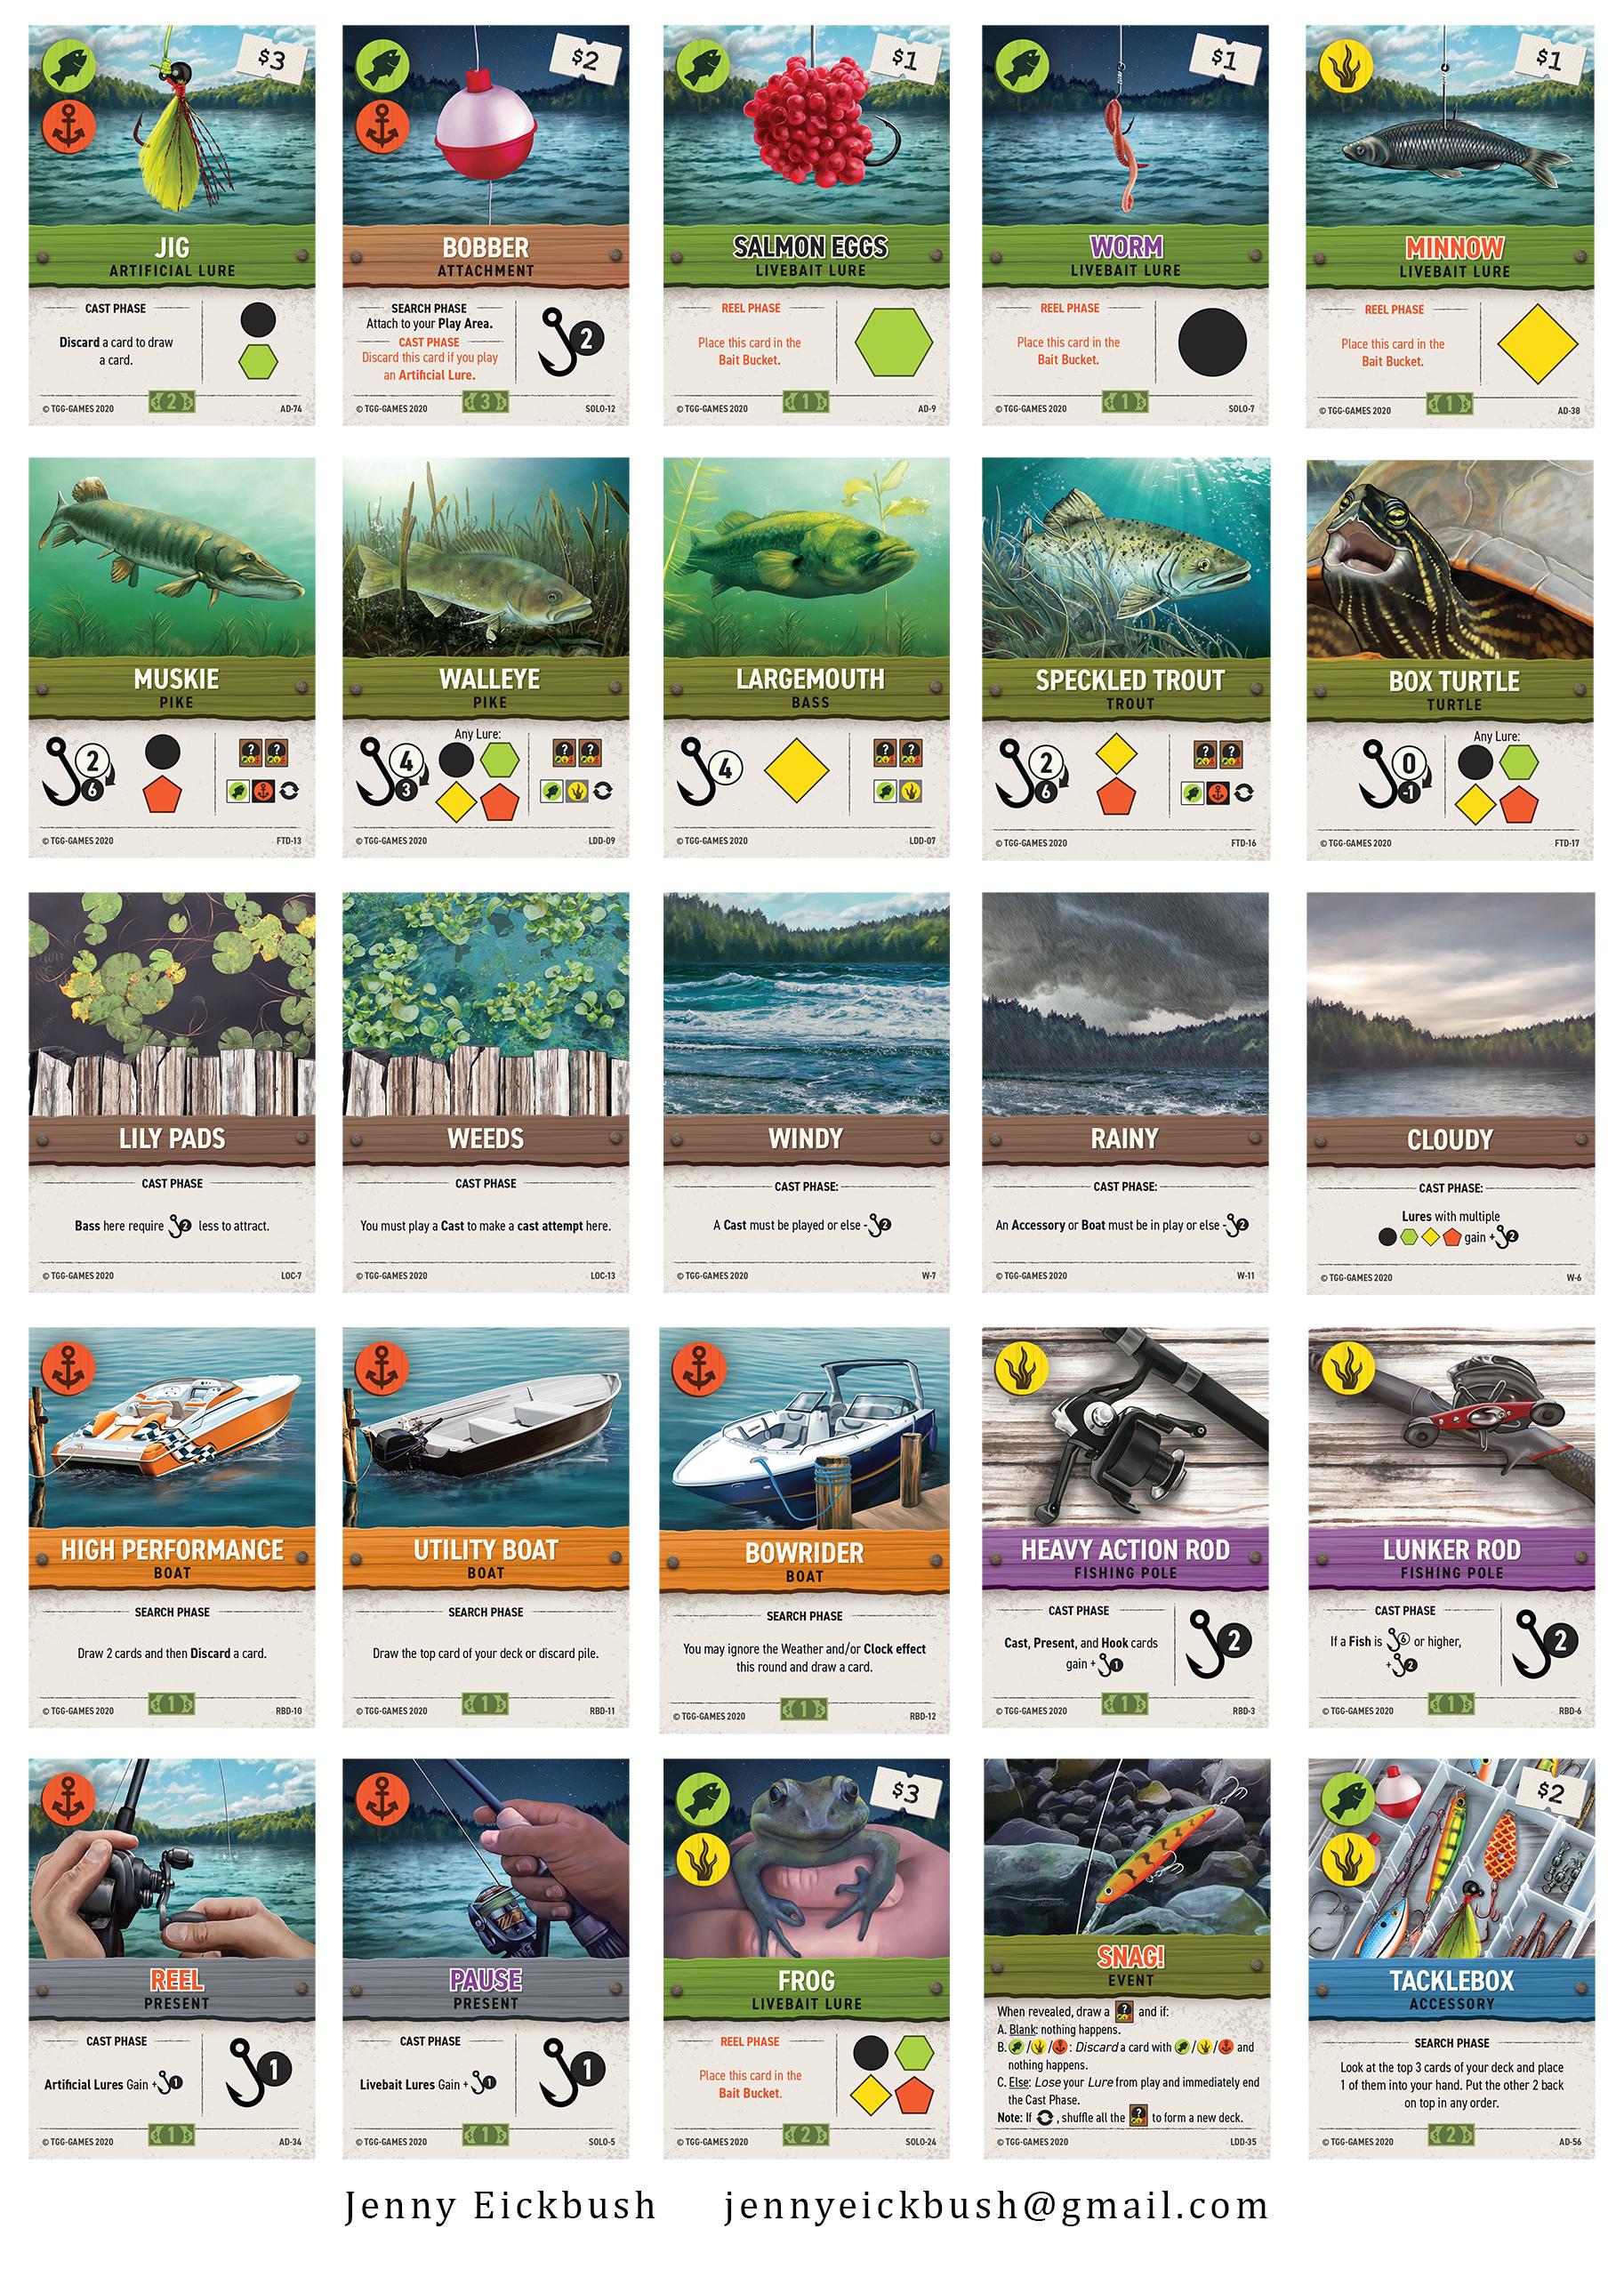 Jenny Eickbush_TF Cards for Portfolio